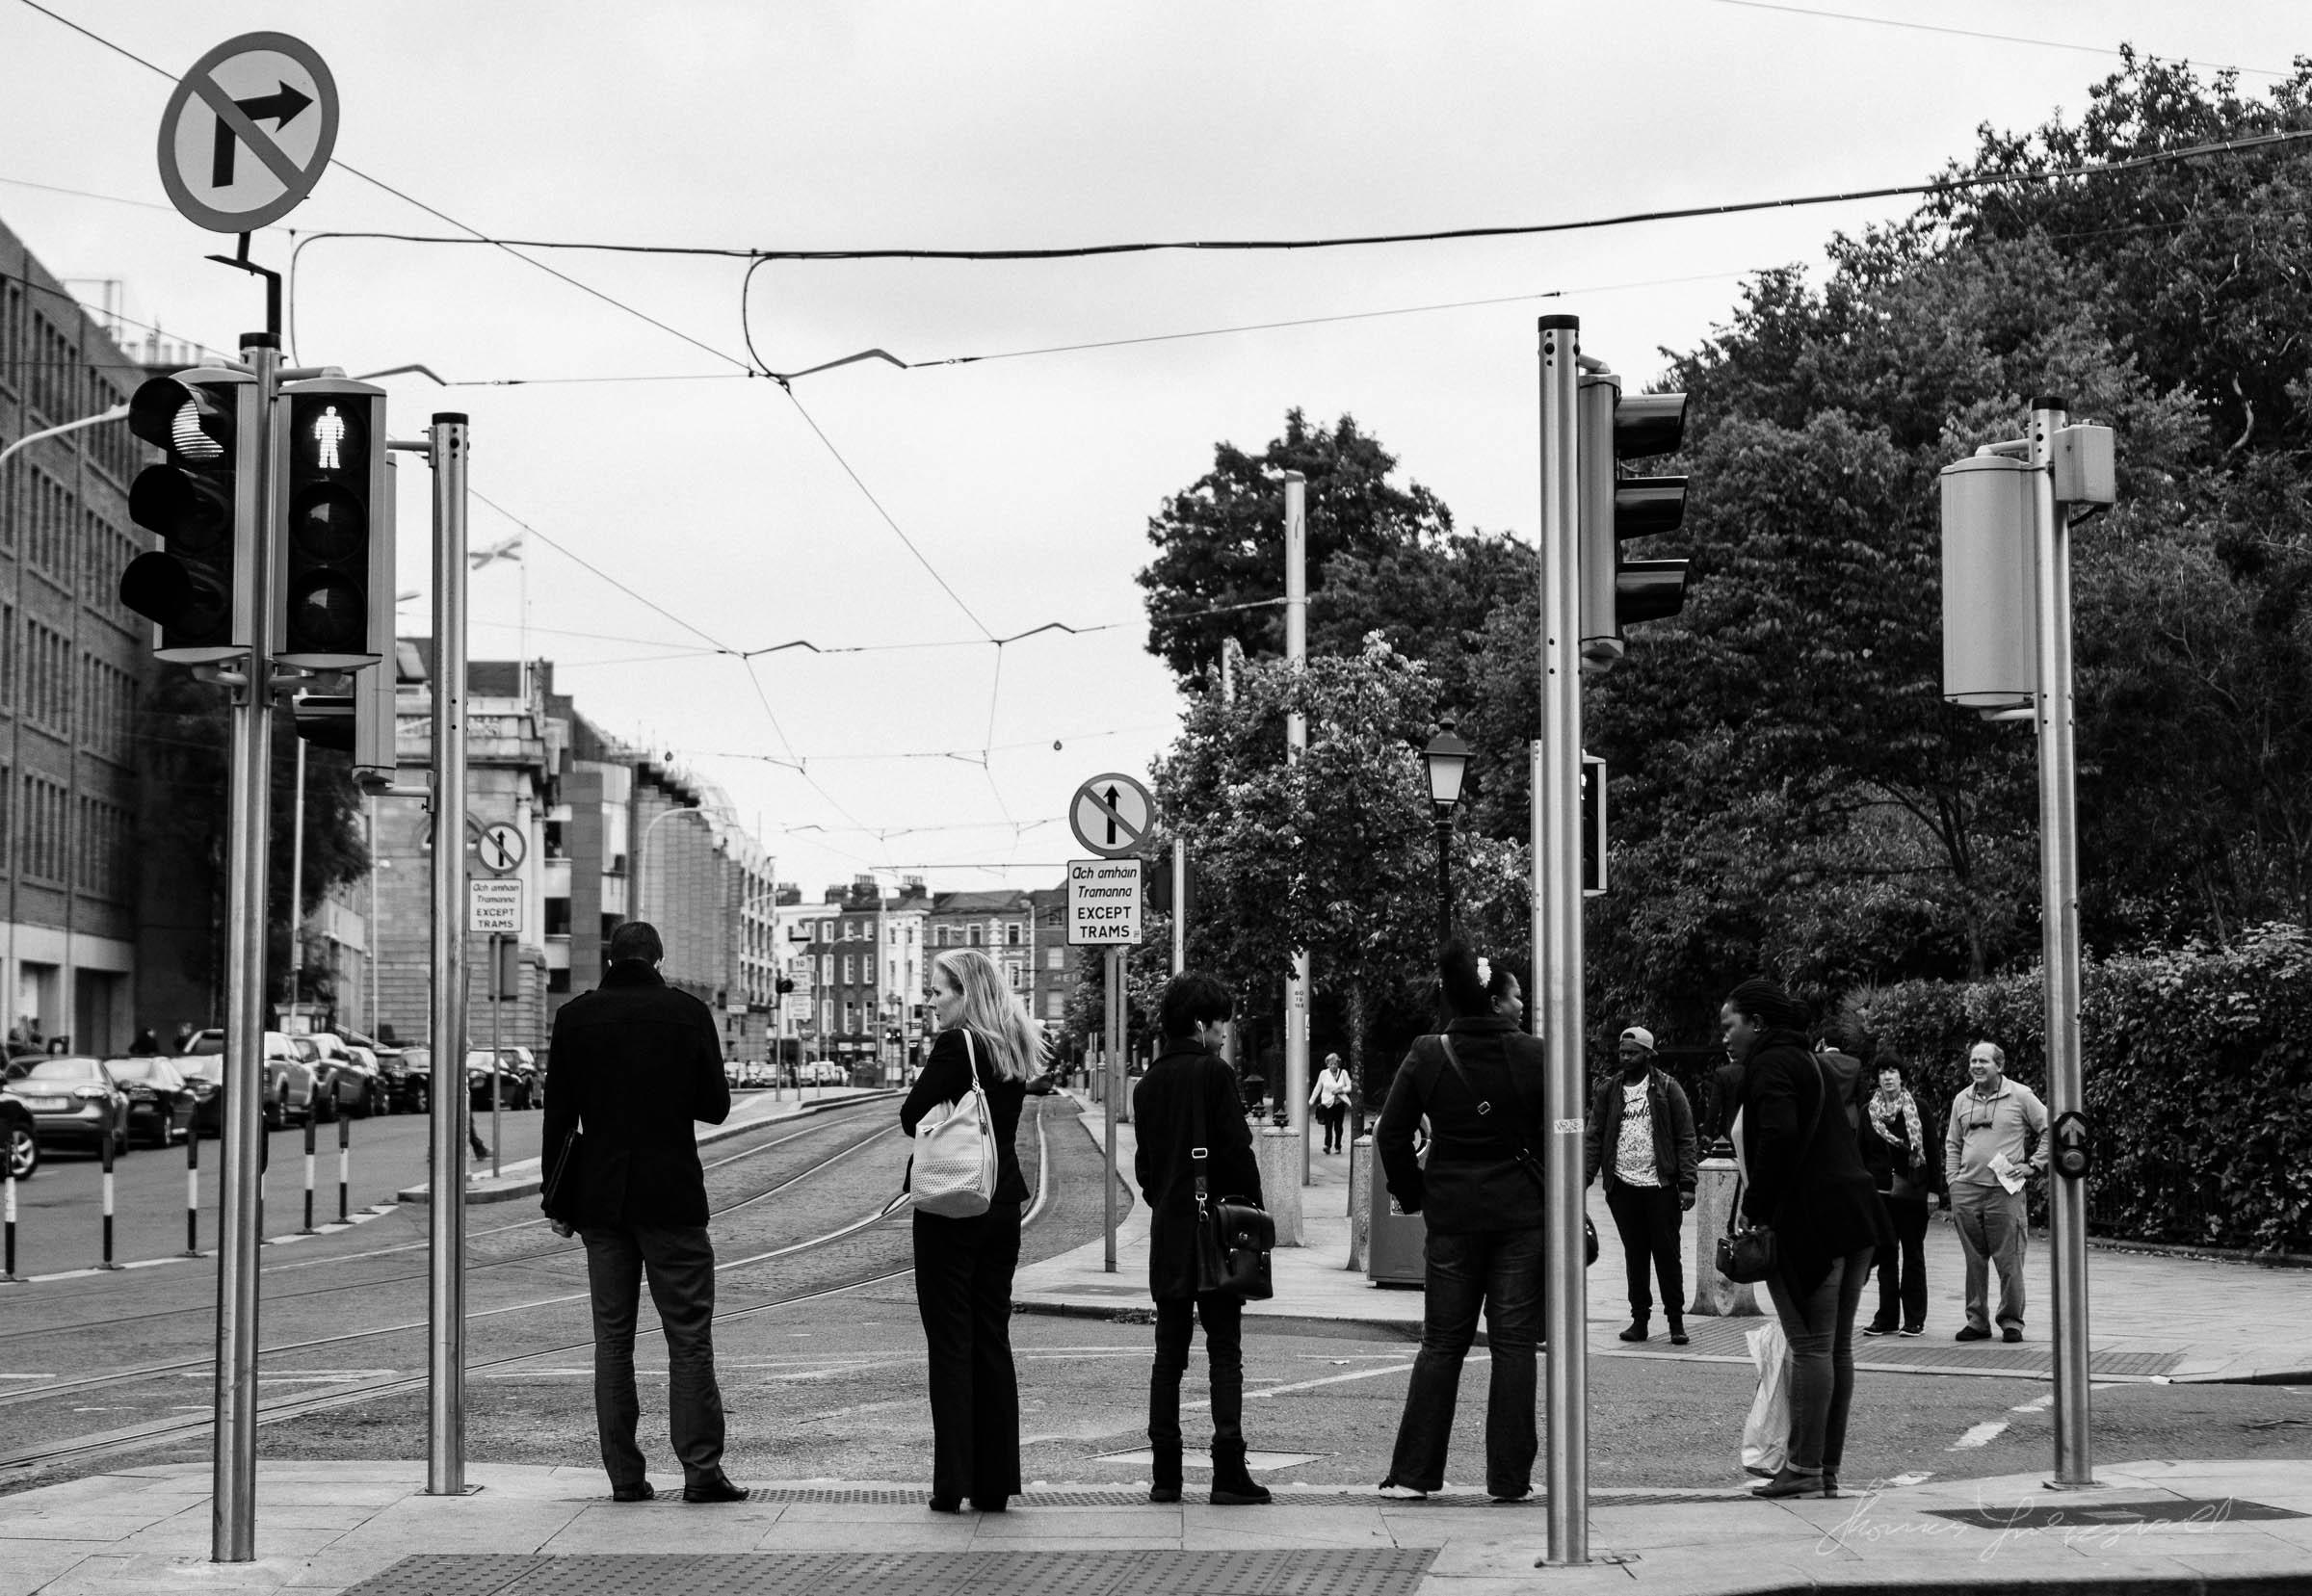 Street-Photo-Diary-No-6-BW-Dublin-07.jpg